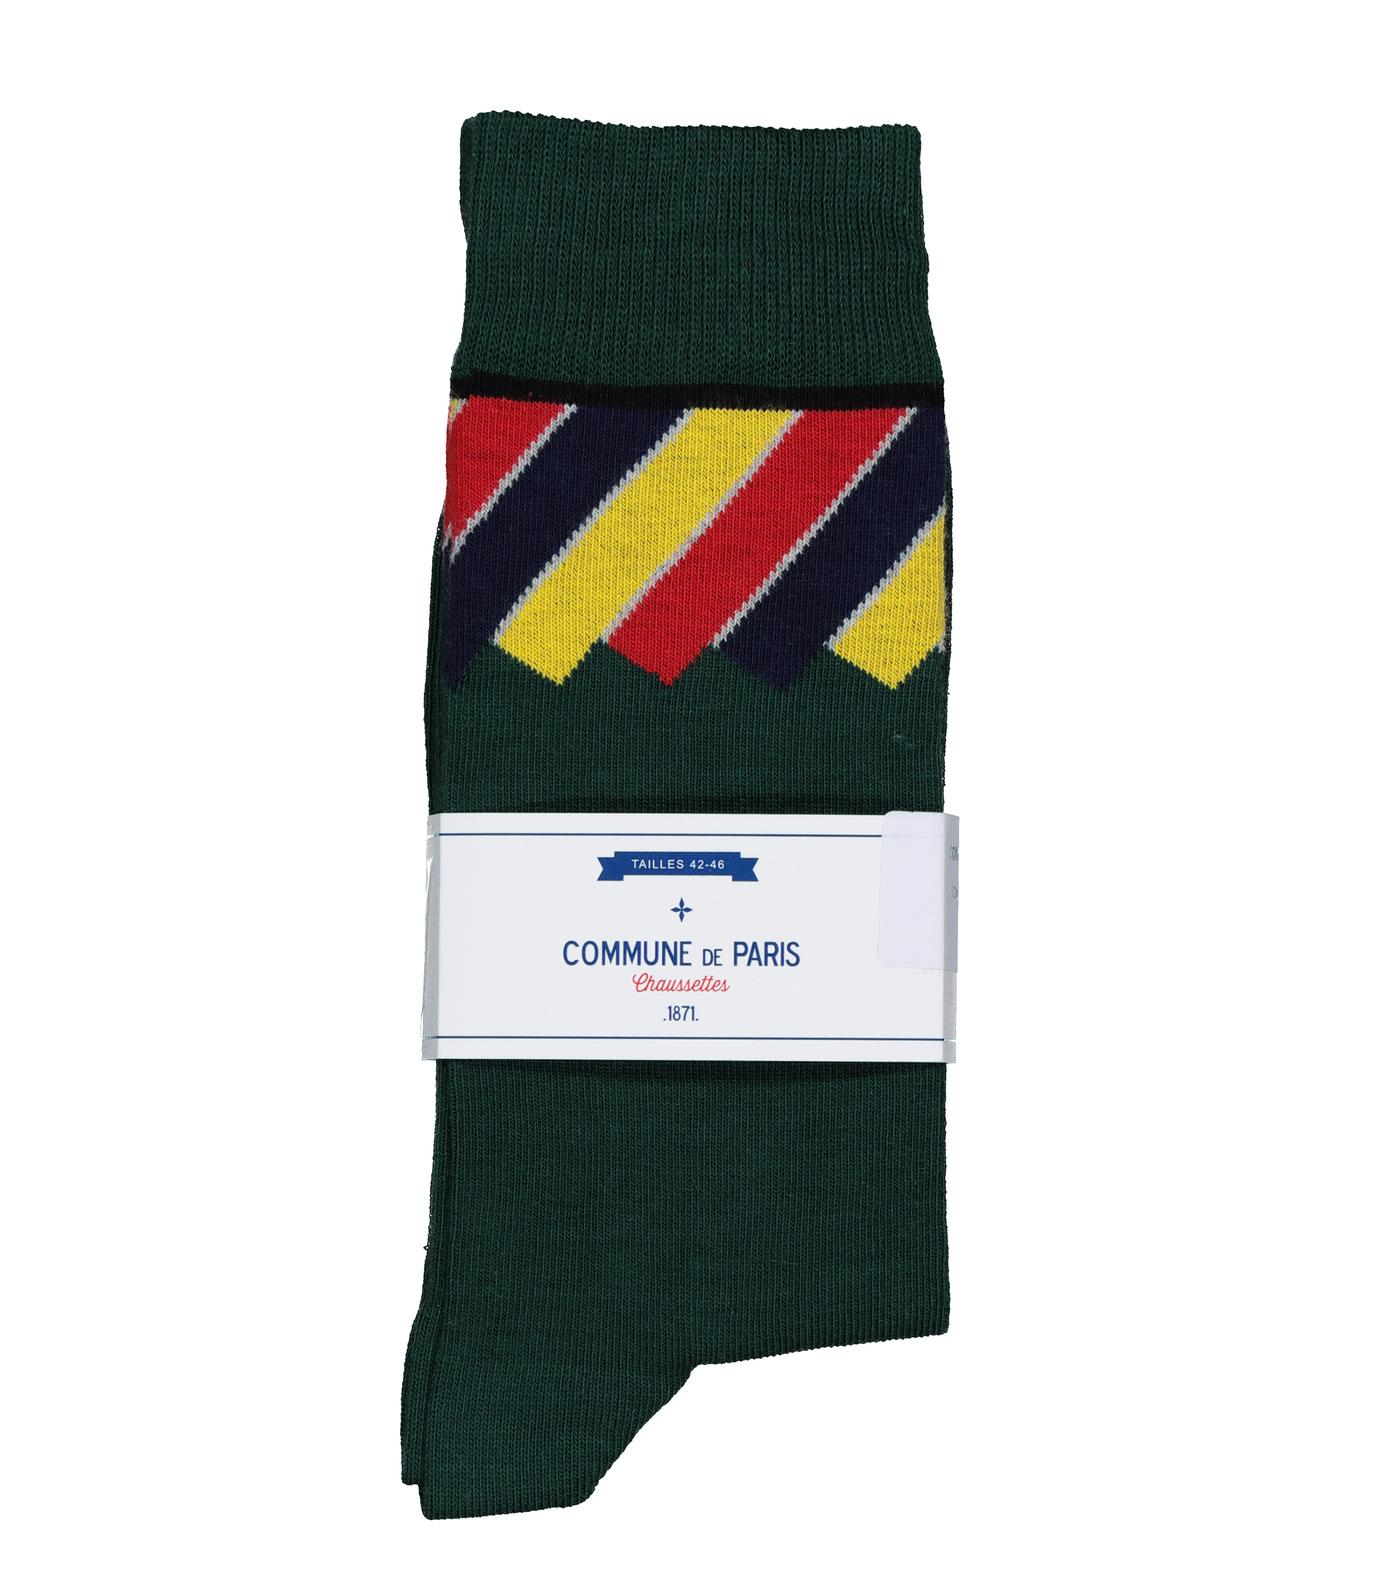 SOCKS CARROUSEL - Green